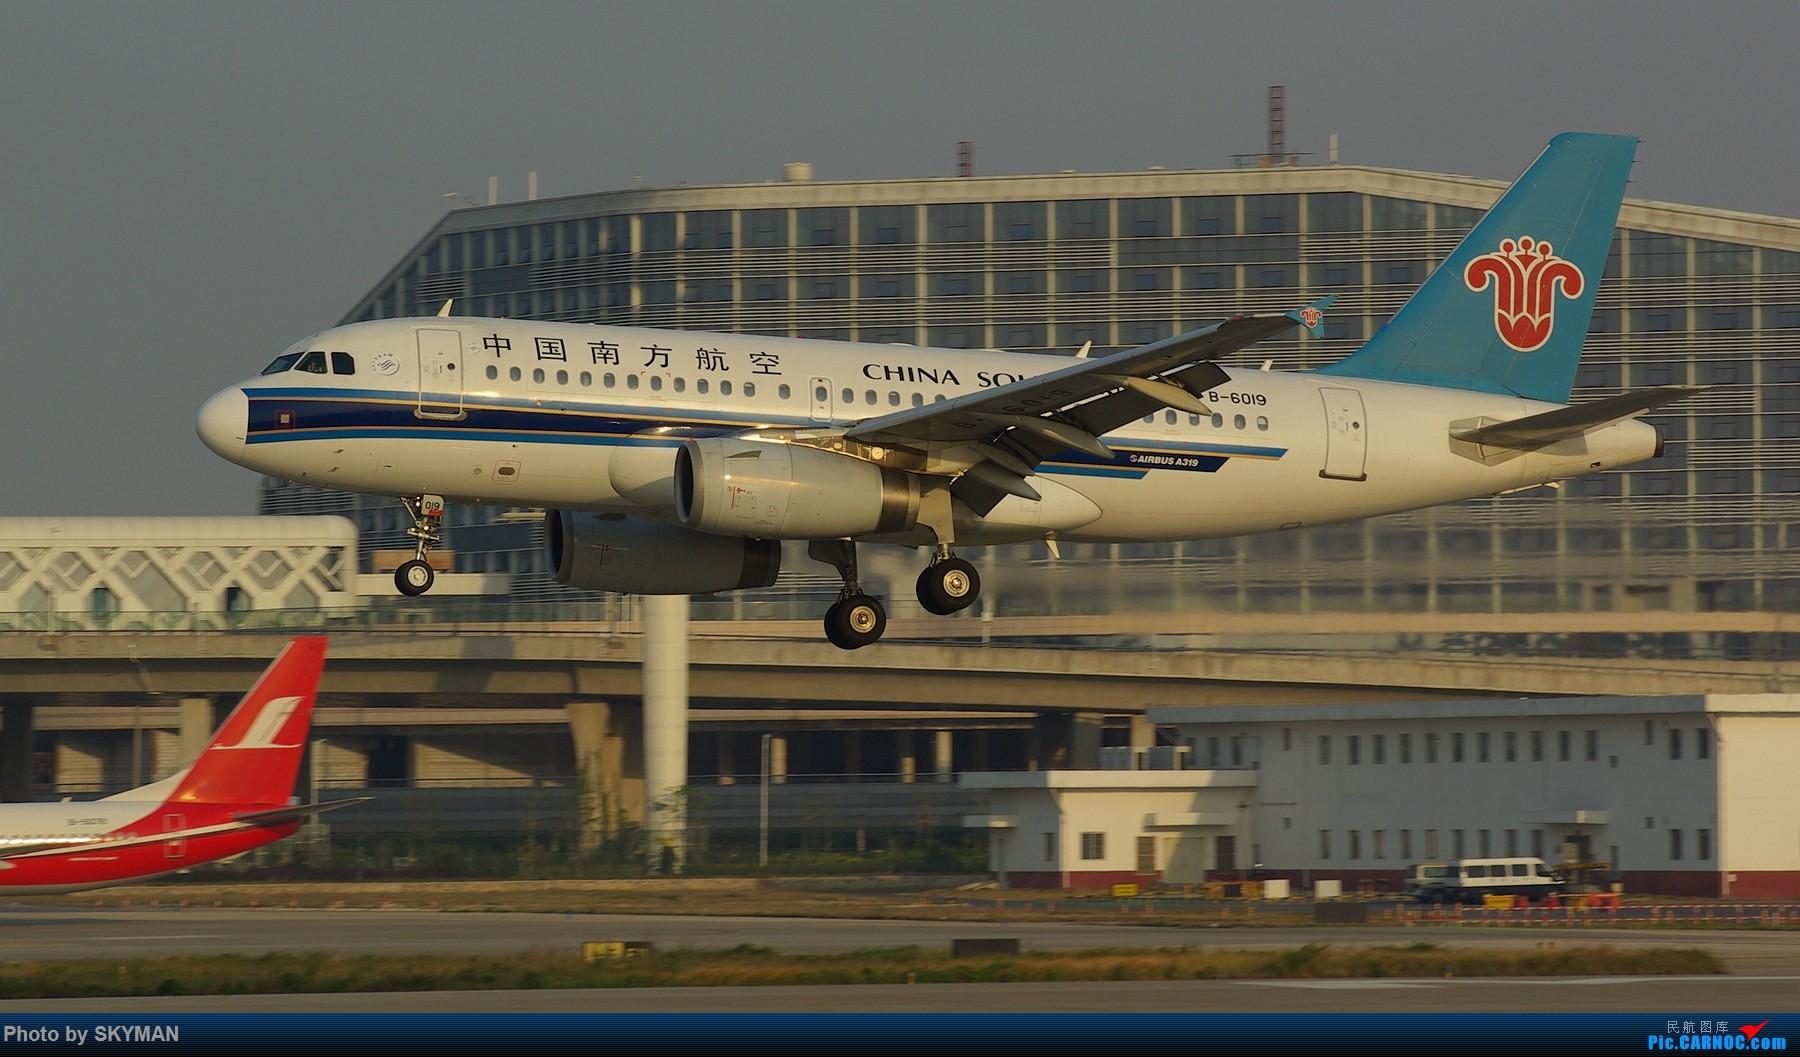 [原创]BLDDQ---内痕么 以目前的形式靠打工实在是揭不开锅了 各位爷列为亲看着意思点啊 别控制 可是今天下午刚出炉的 绝对新鲜热乎 AIRBUS A319-100 B-6019 中国深圳宝安国际机场